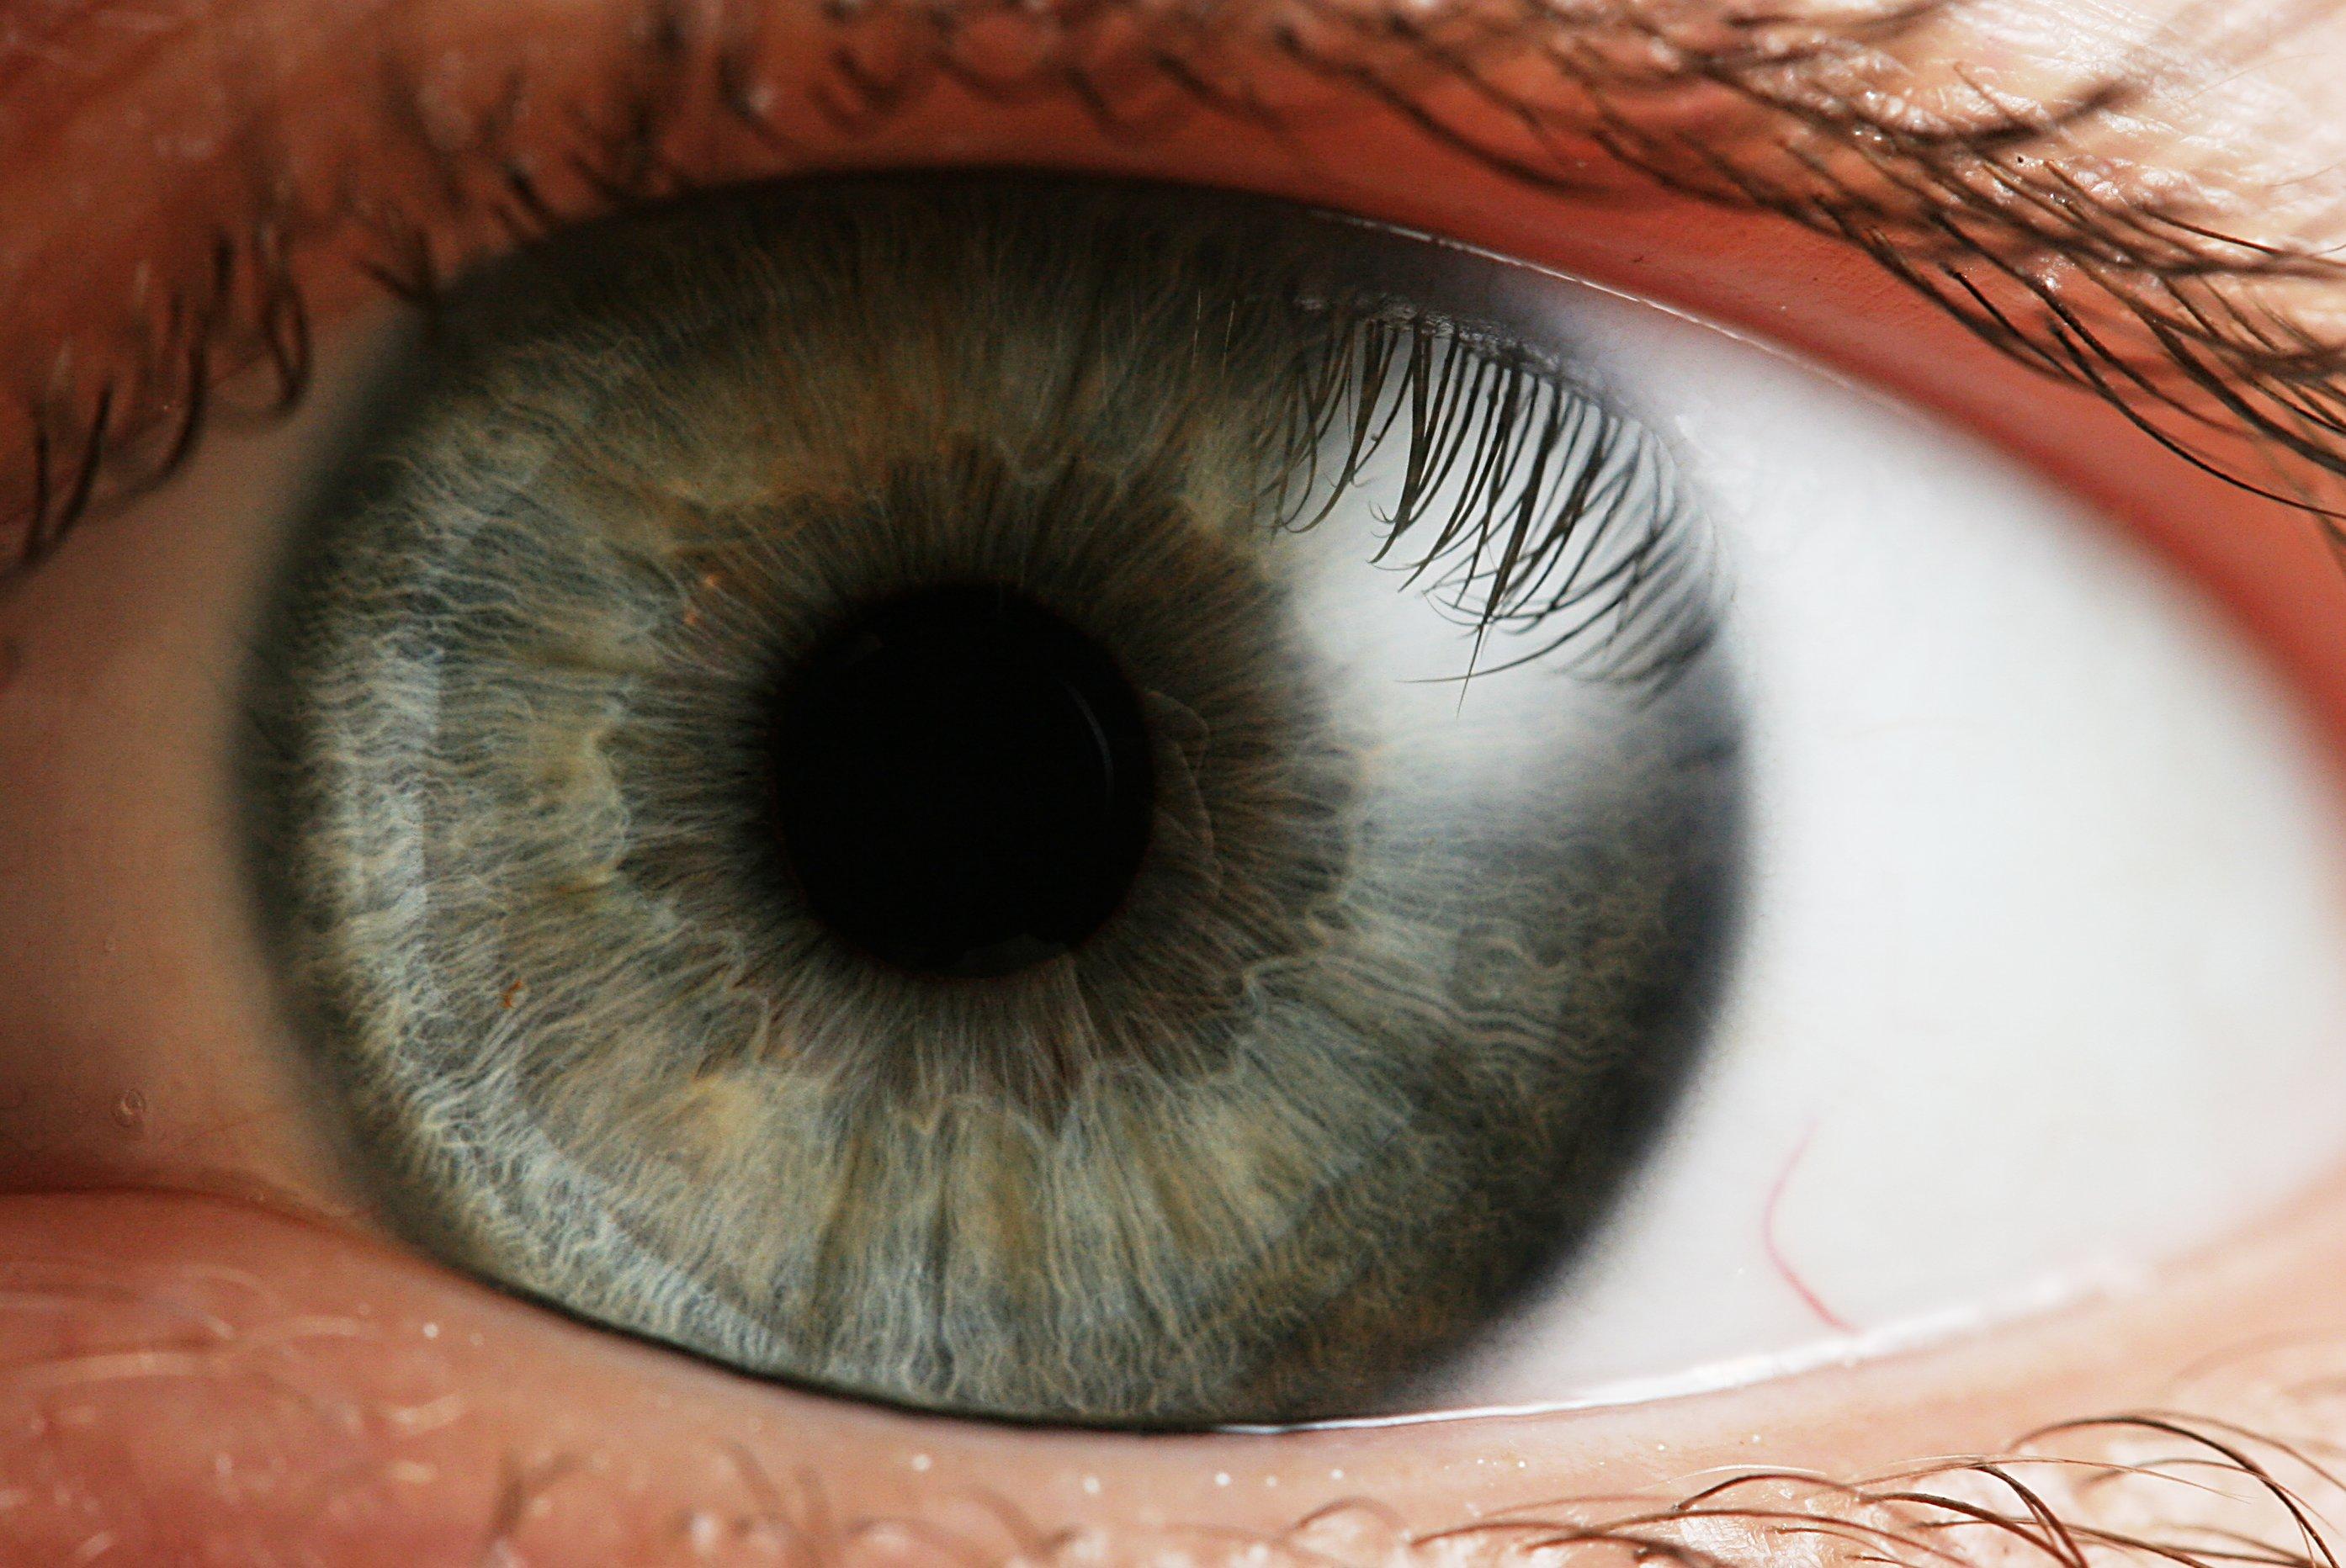 Myopia and Hyperopia - Family Eyecare